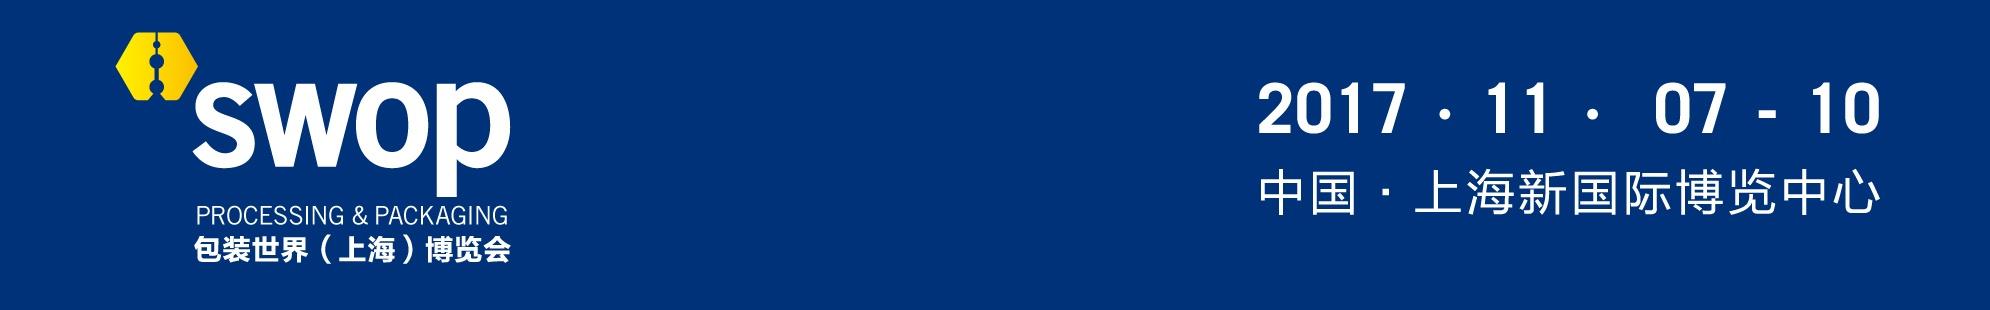 包装世界(上海)博览会 | 2015.11.17 - 20 | 中国·上海新国际博览中心